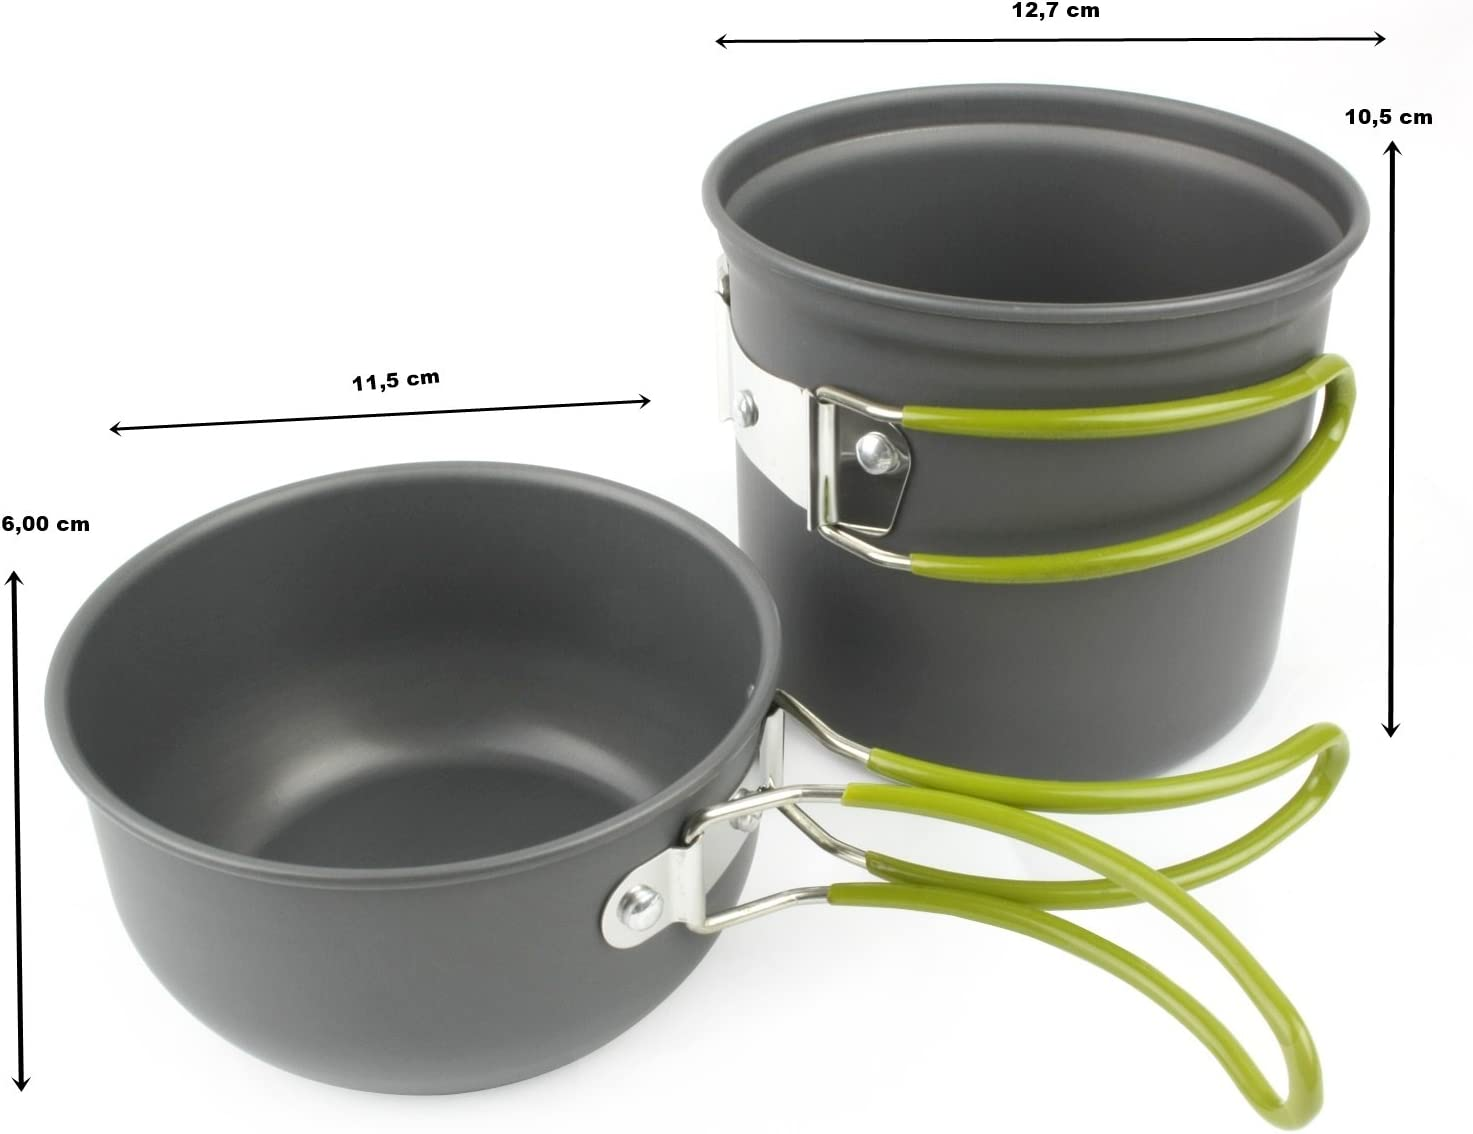 Grenhaven – SET dos partes Batería de cocina para camping, Sartén (tapa), olla y bolsa de malla - Ligera y compacta con asas plegables de silicona, ...